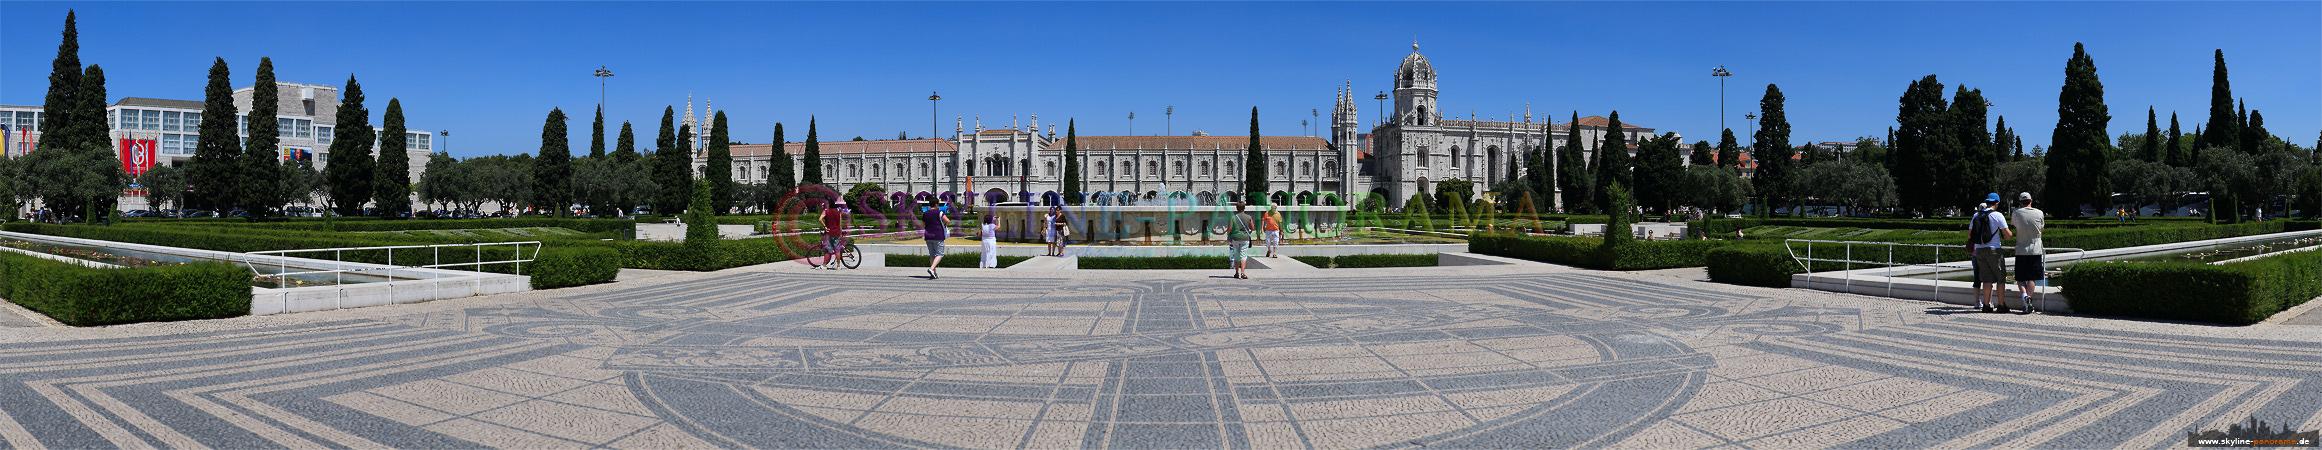 Portugal Bilder Lissabon - Das Kloster des Jerónimos mit seiner reizvollen Kalksteinfassade im Lissaboner Stadtteil Belem.